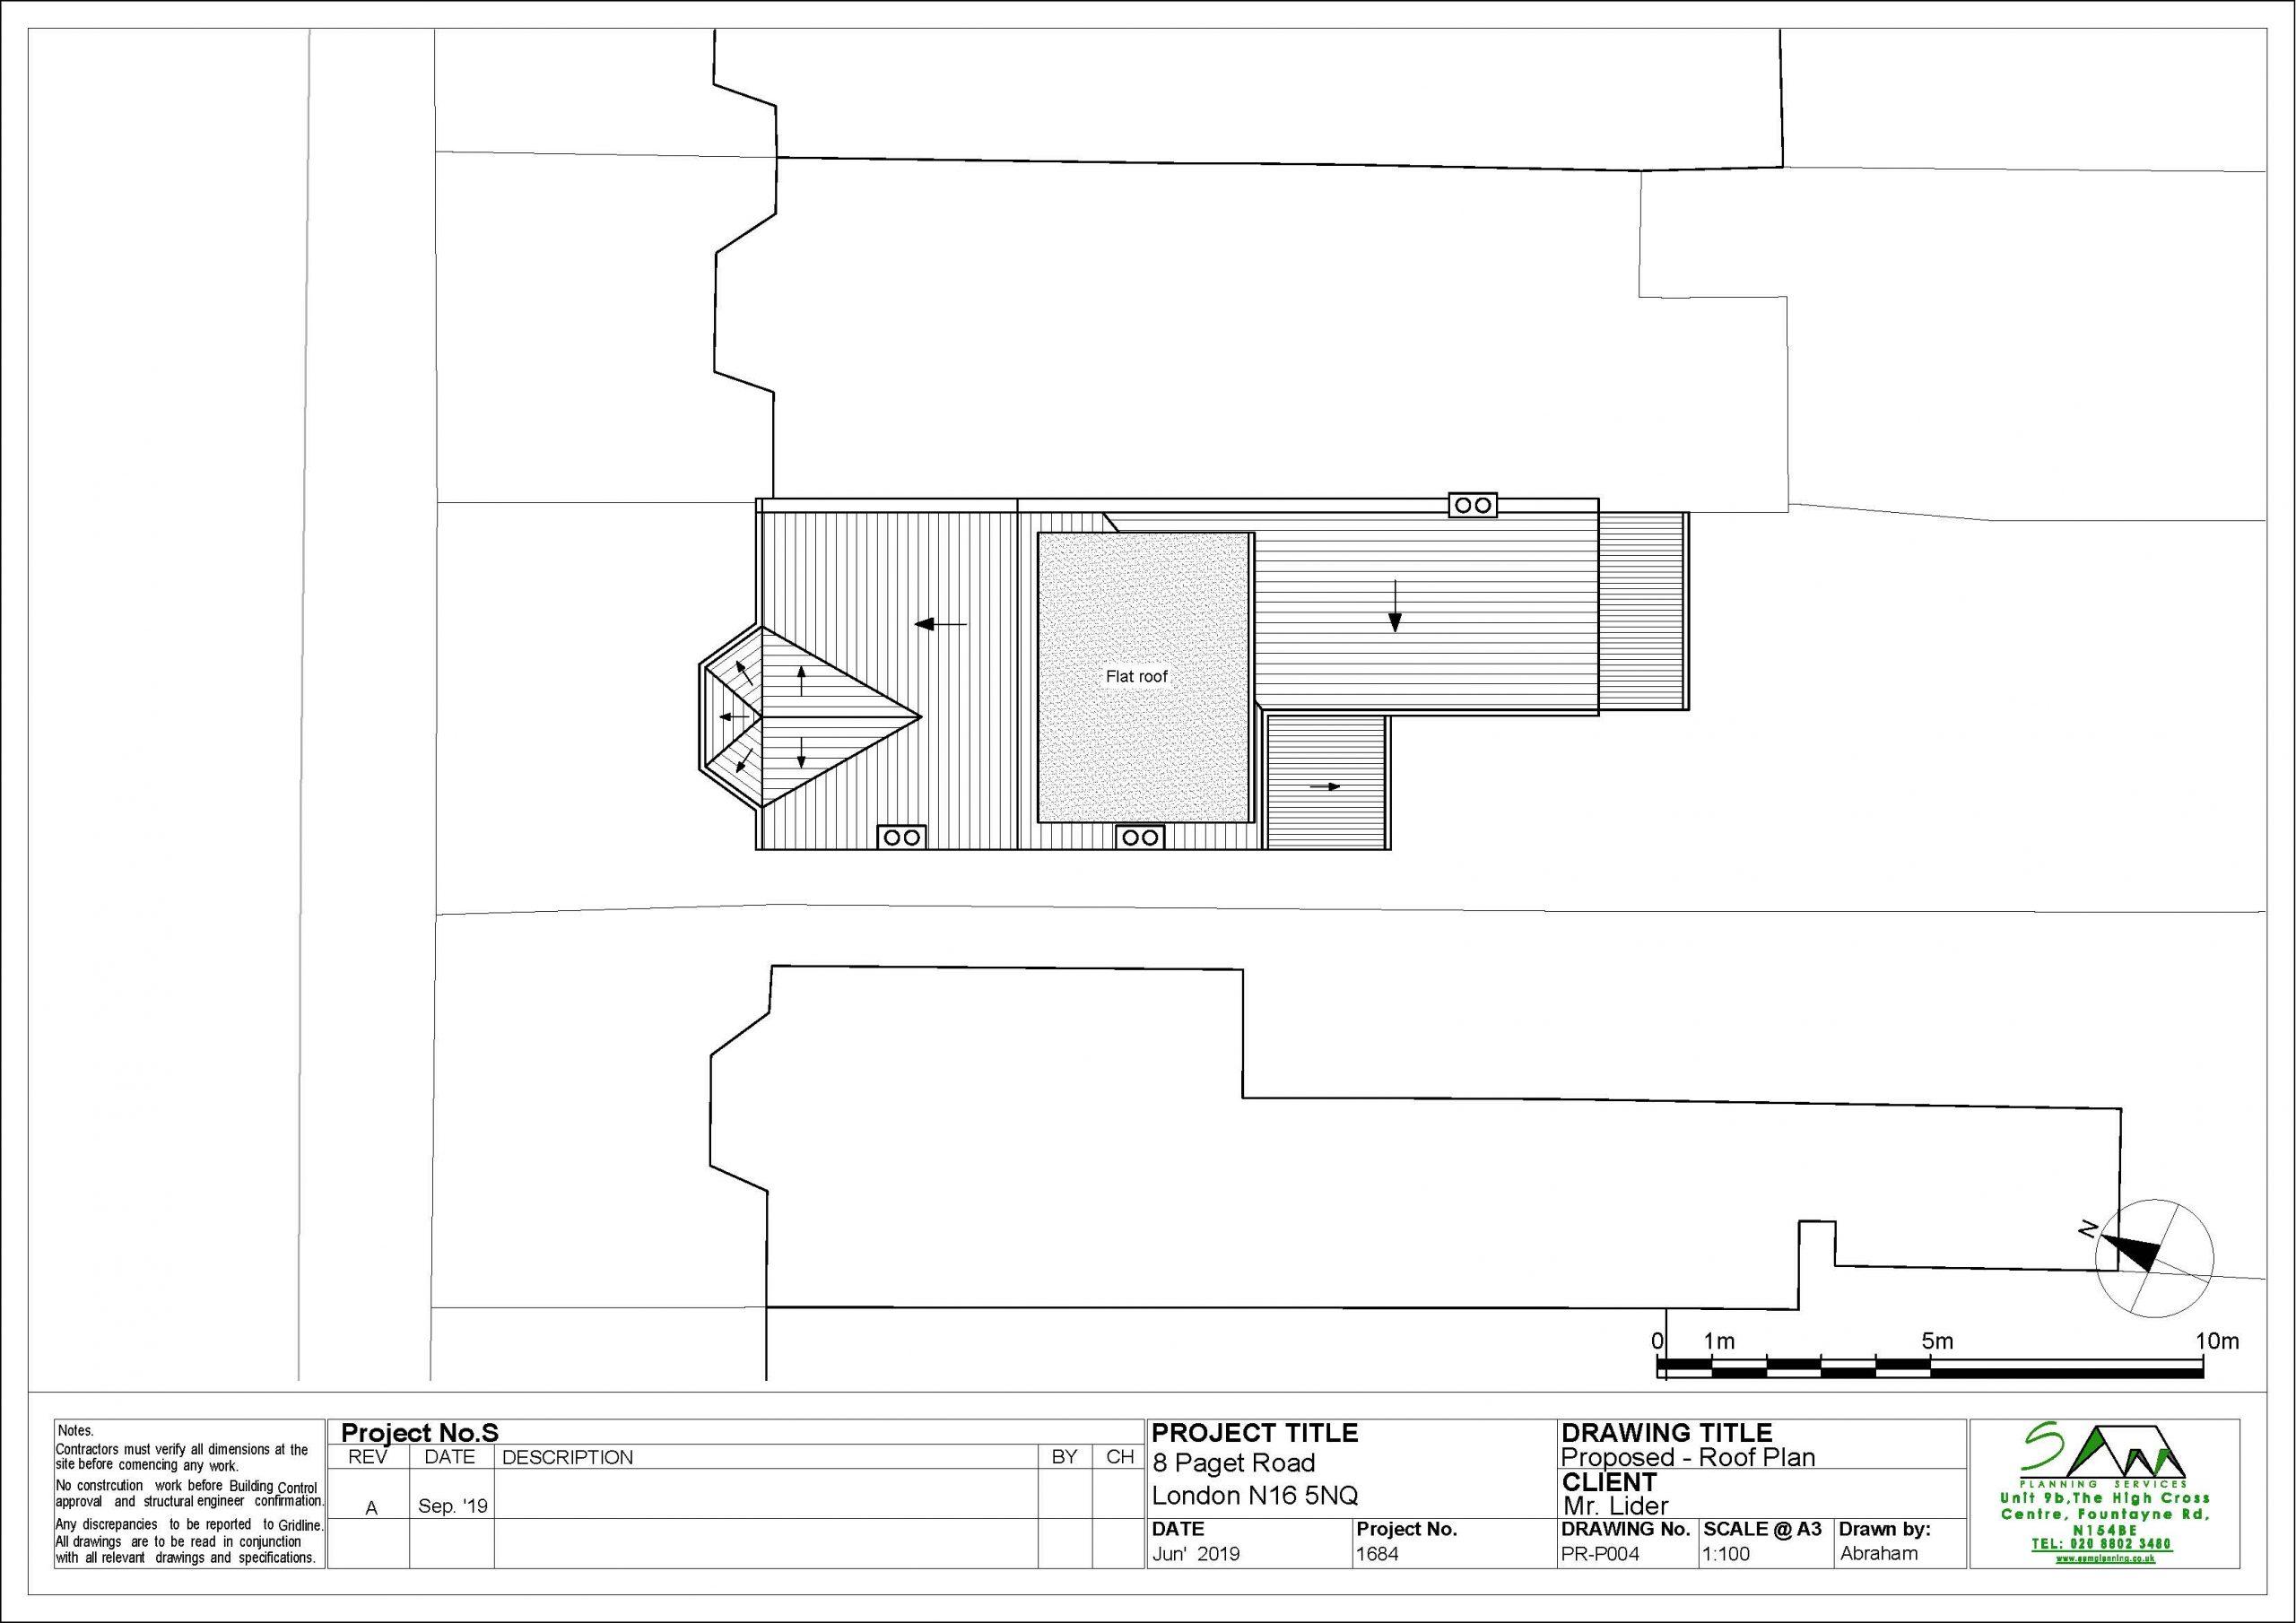 8pagetProposed Roof plan